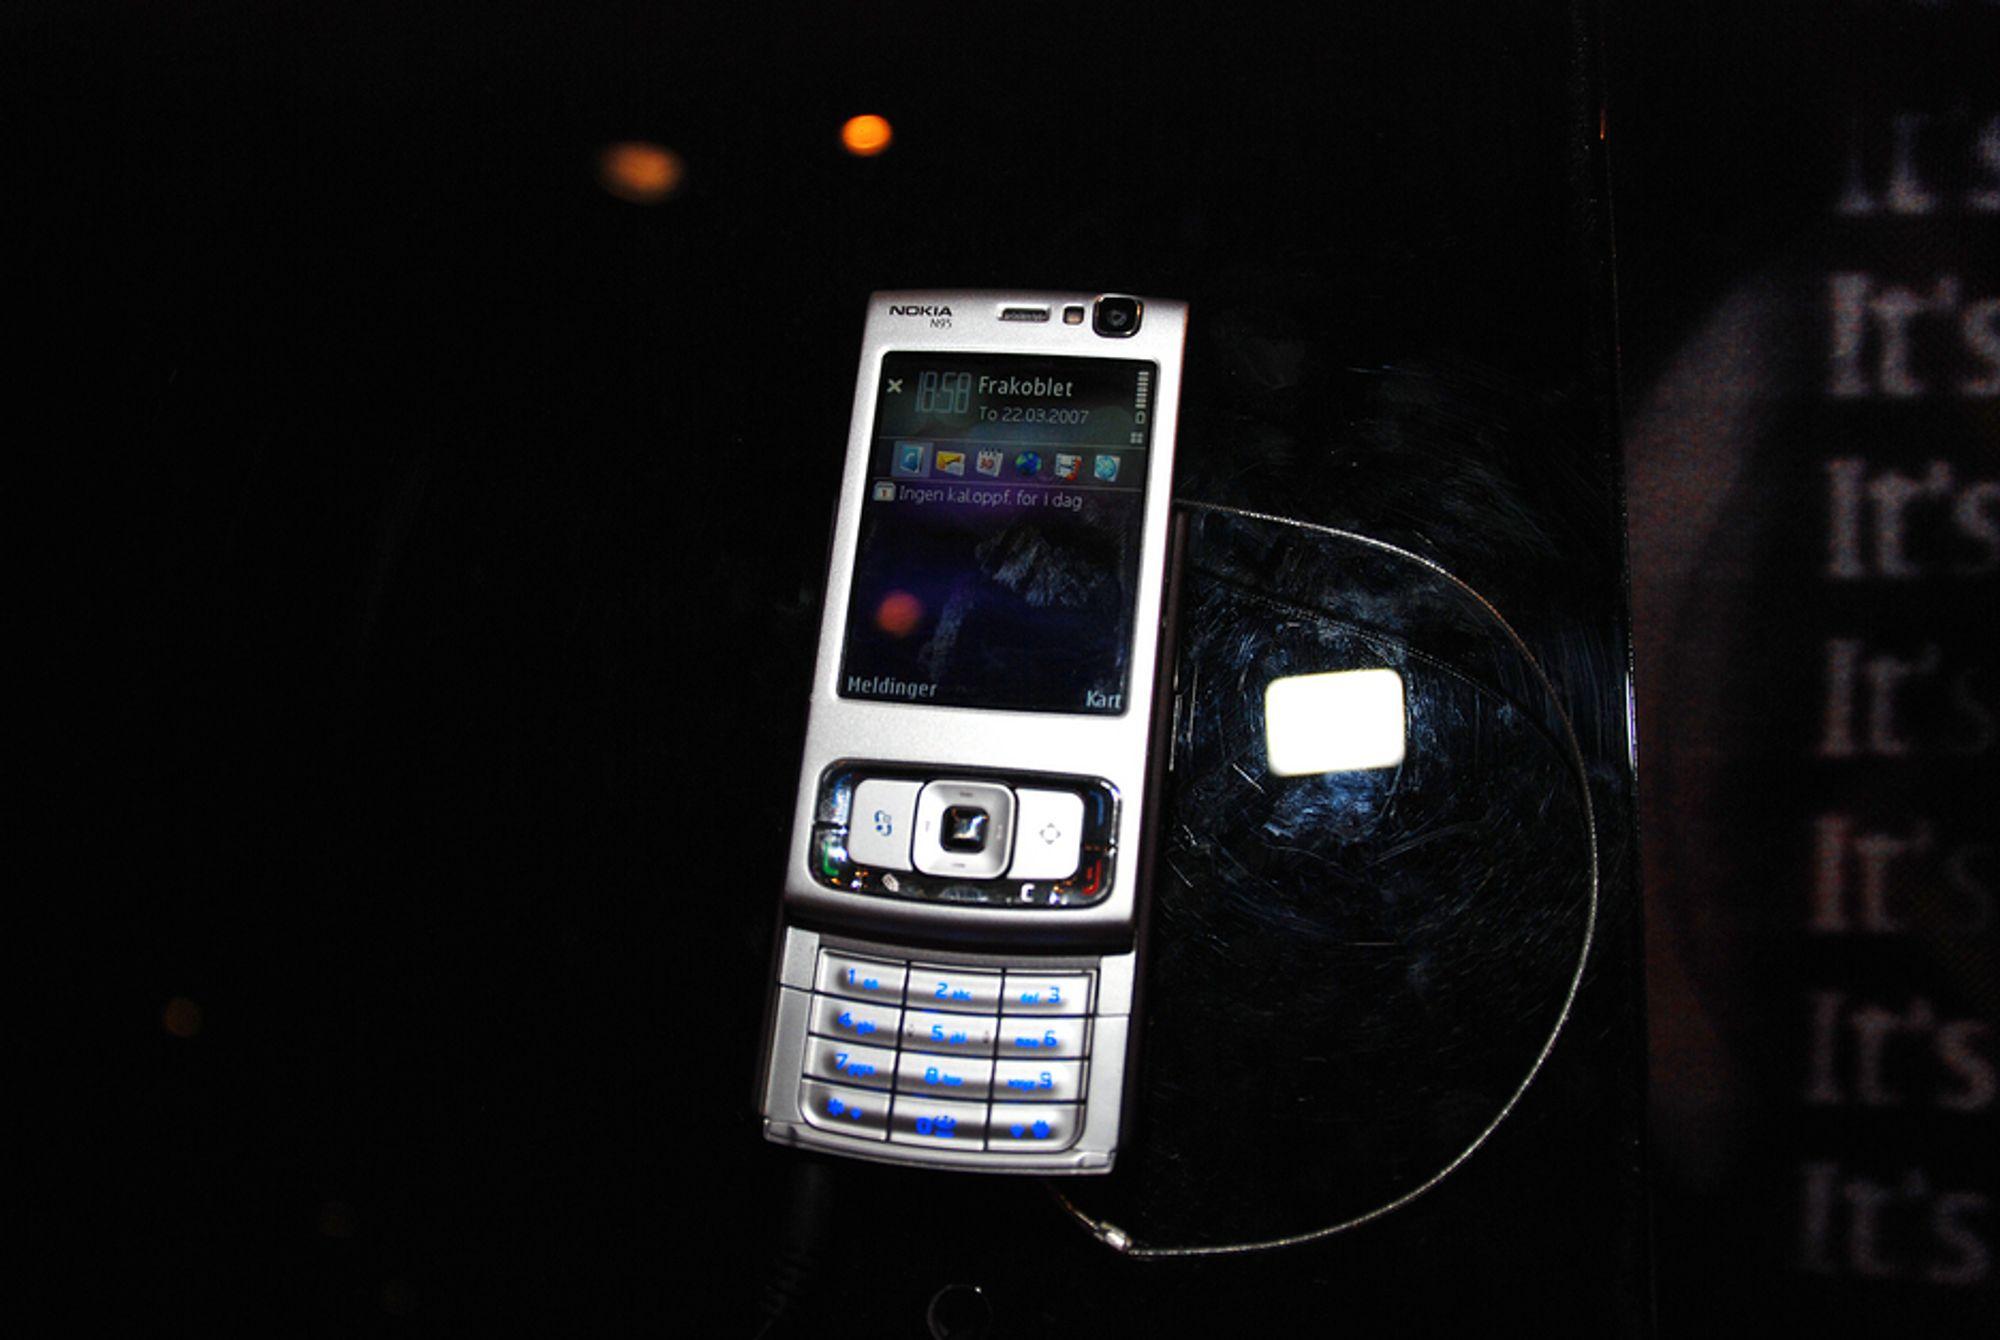 N95: Den nyeste modellen i Nokias N-serie kommer i butikkene her i landet i uke 18, som vil si i månedsskiftet april/mai. Test den i Oslo Spektrum i helgen.